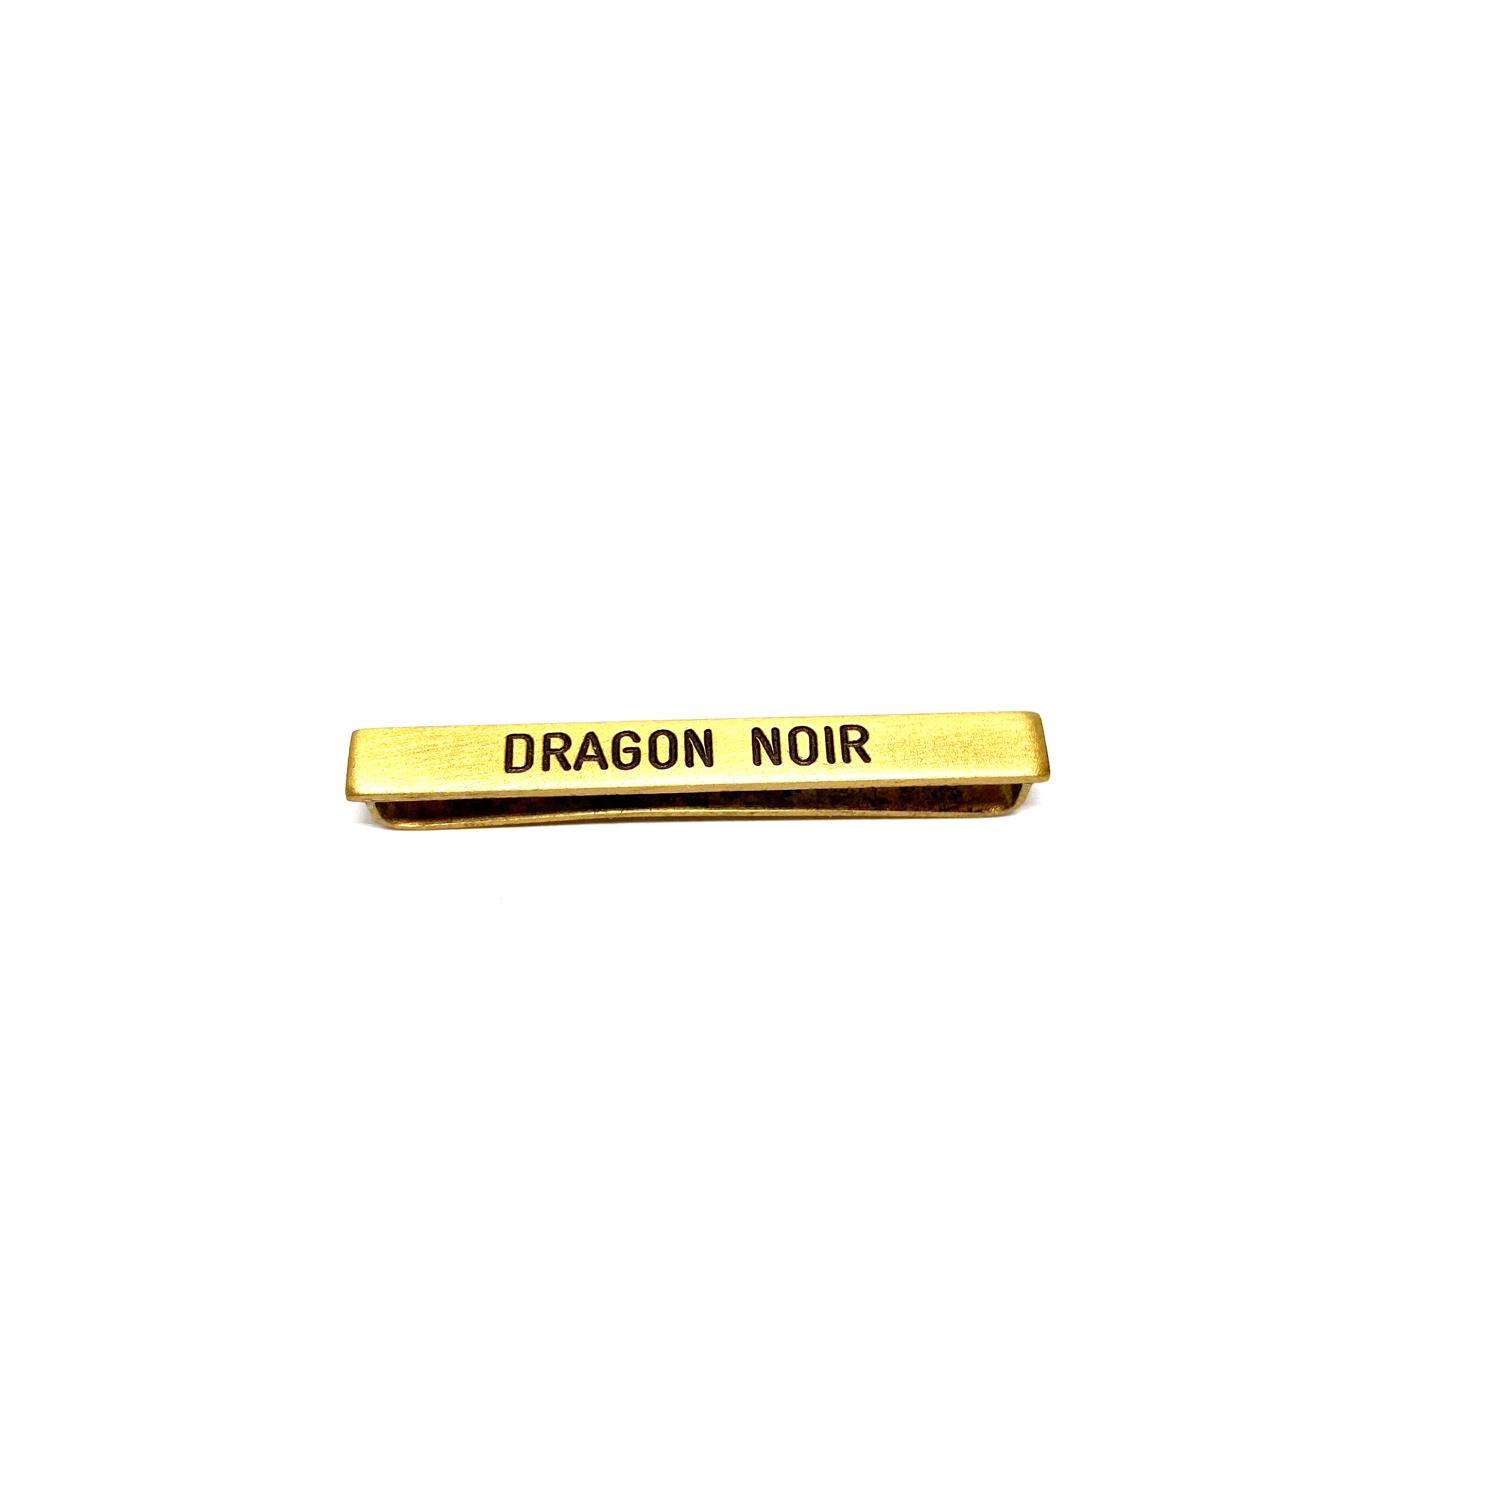 Barrette Dragon Noir pour décorations militaires